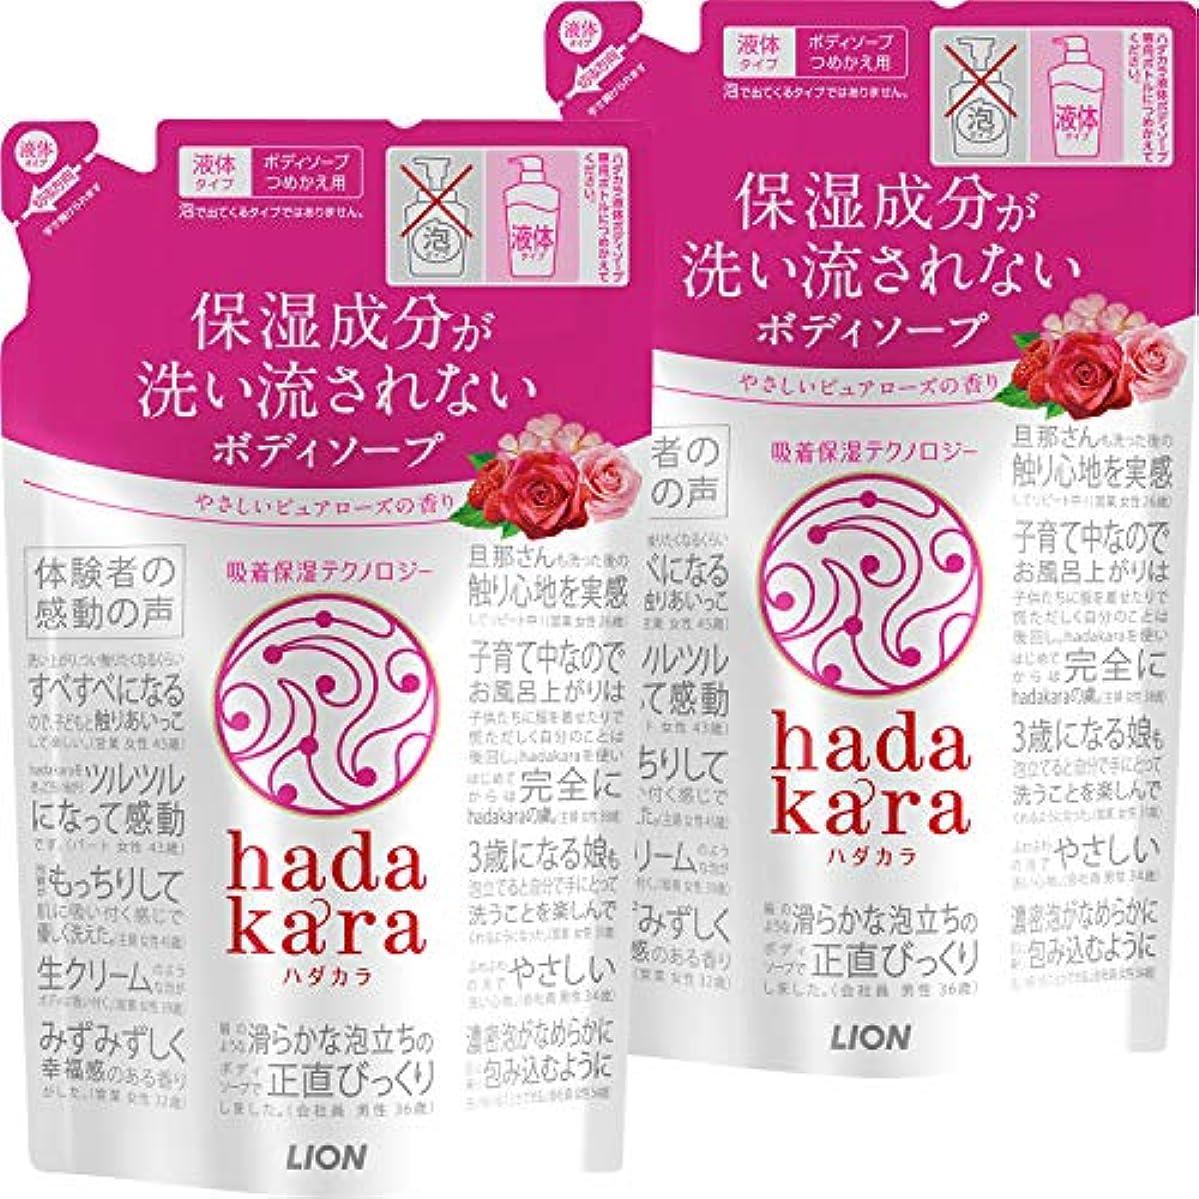 全能構成員監査【まとめ買い】hadakara(ハダカラ) ボディソープ ピュアローズの香り 詰め替え 360ml×2個パック